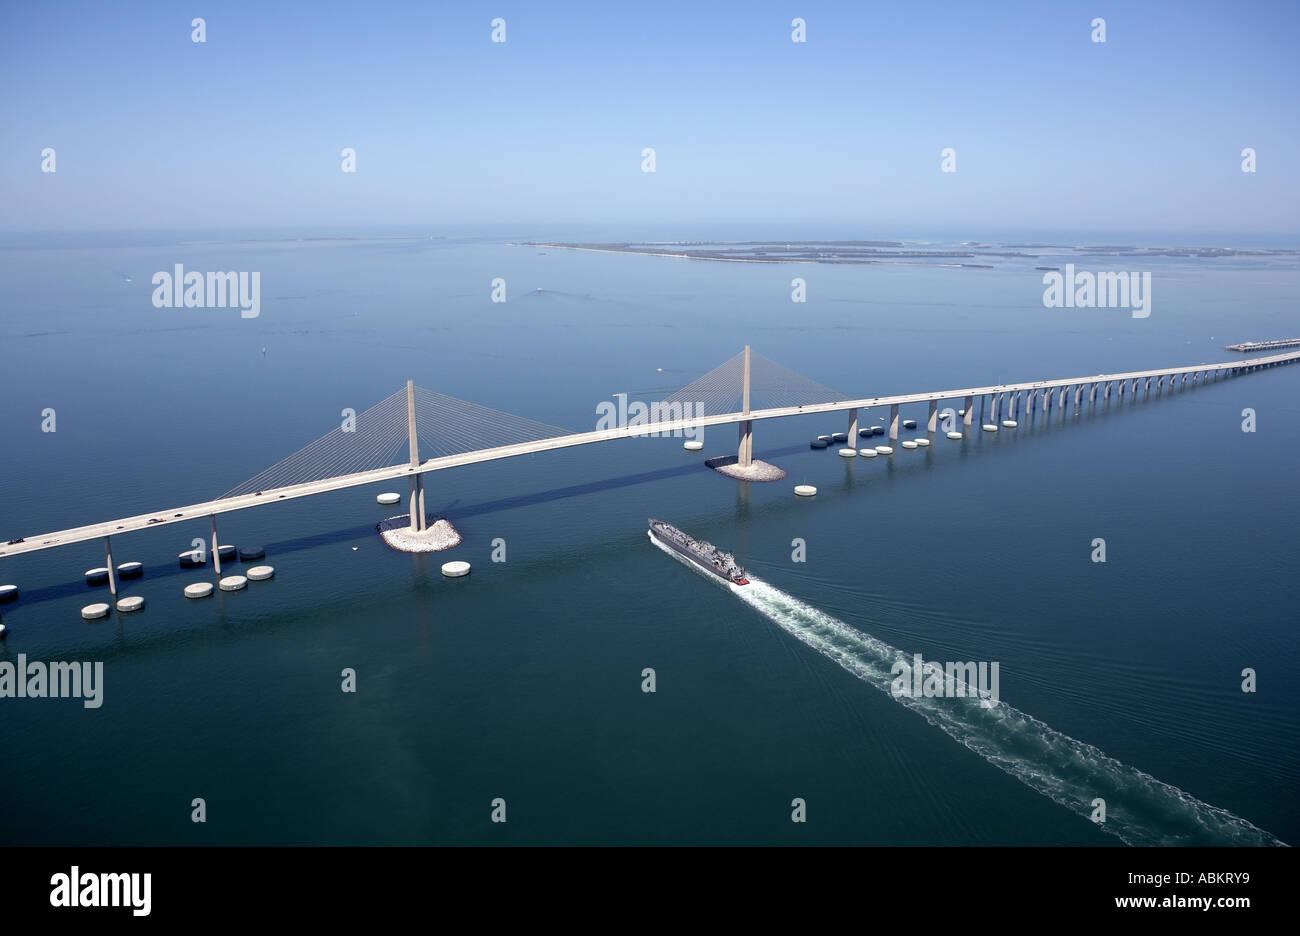 Sunshine Skyway Bridge Stock Photos Amp Sunshine Skyway Bridge Stock Images Alamy